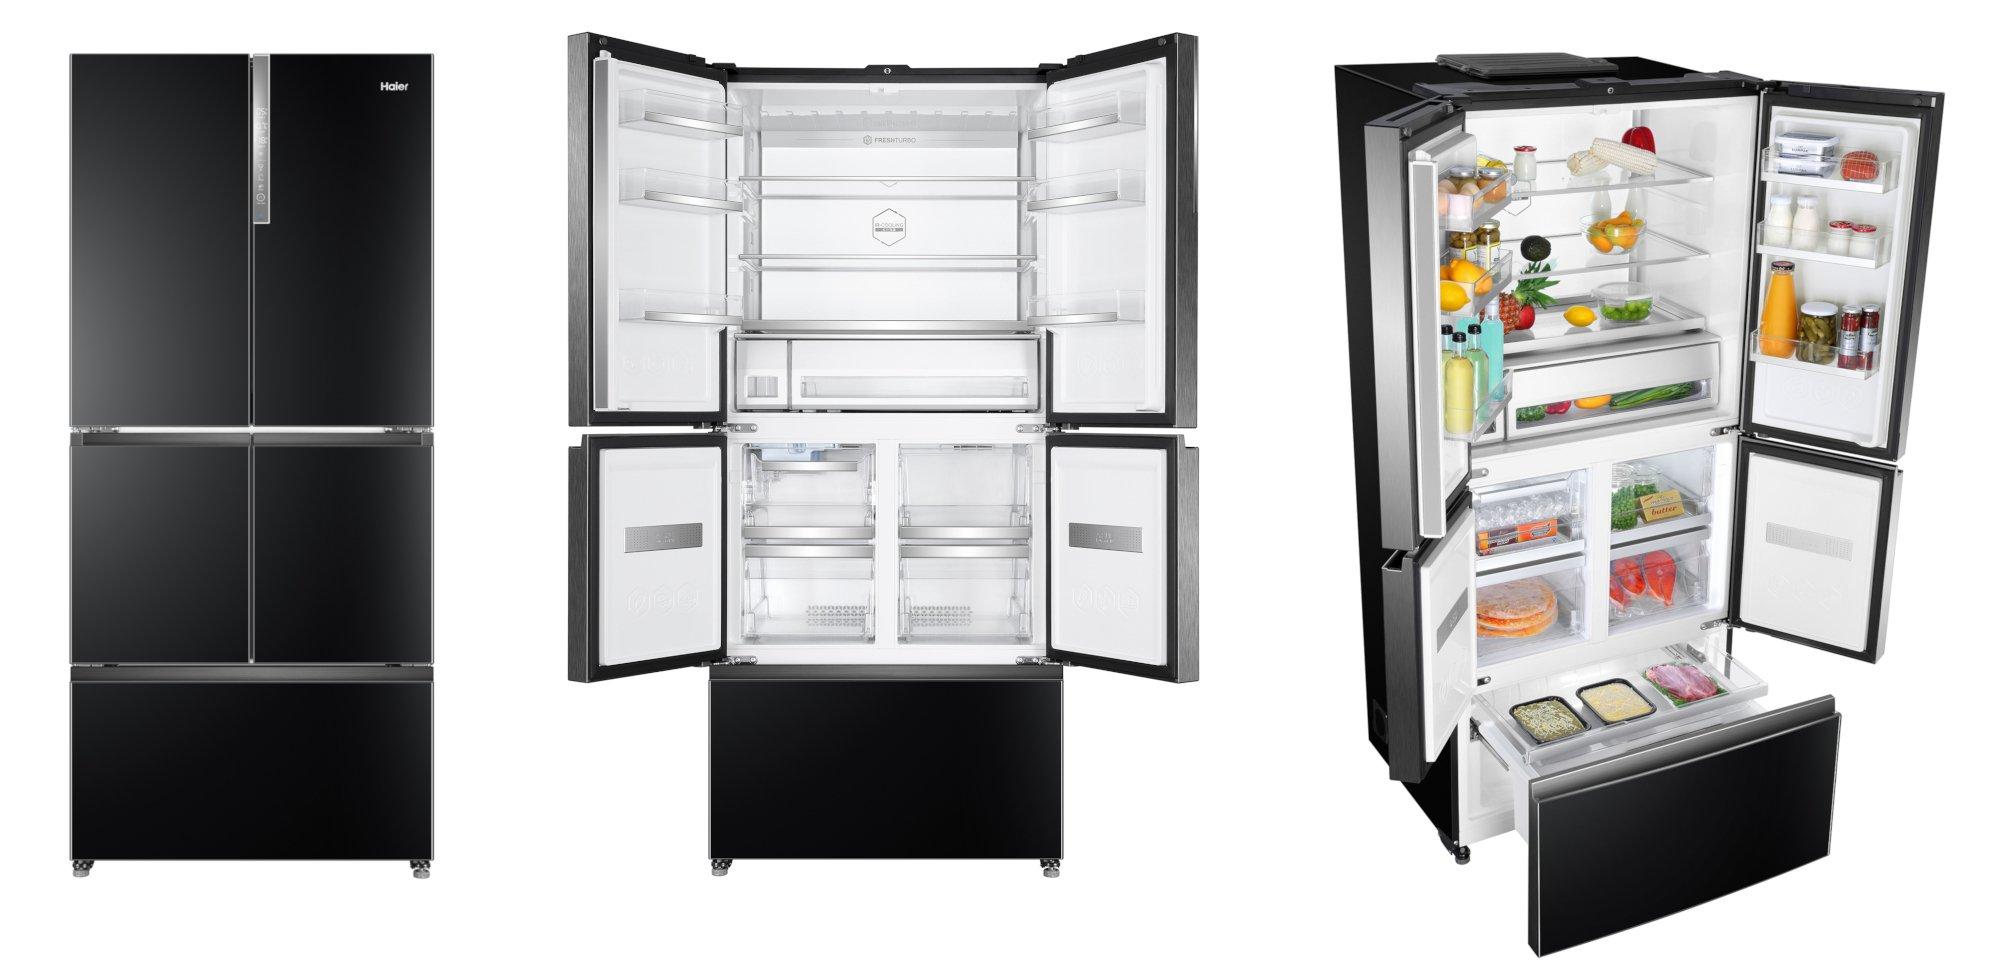 Der neue French-Door-Kühlschrank Haier F+ verfügt über vier Türen und eine Gefrierschublade (Bild: Haier)